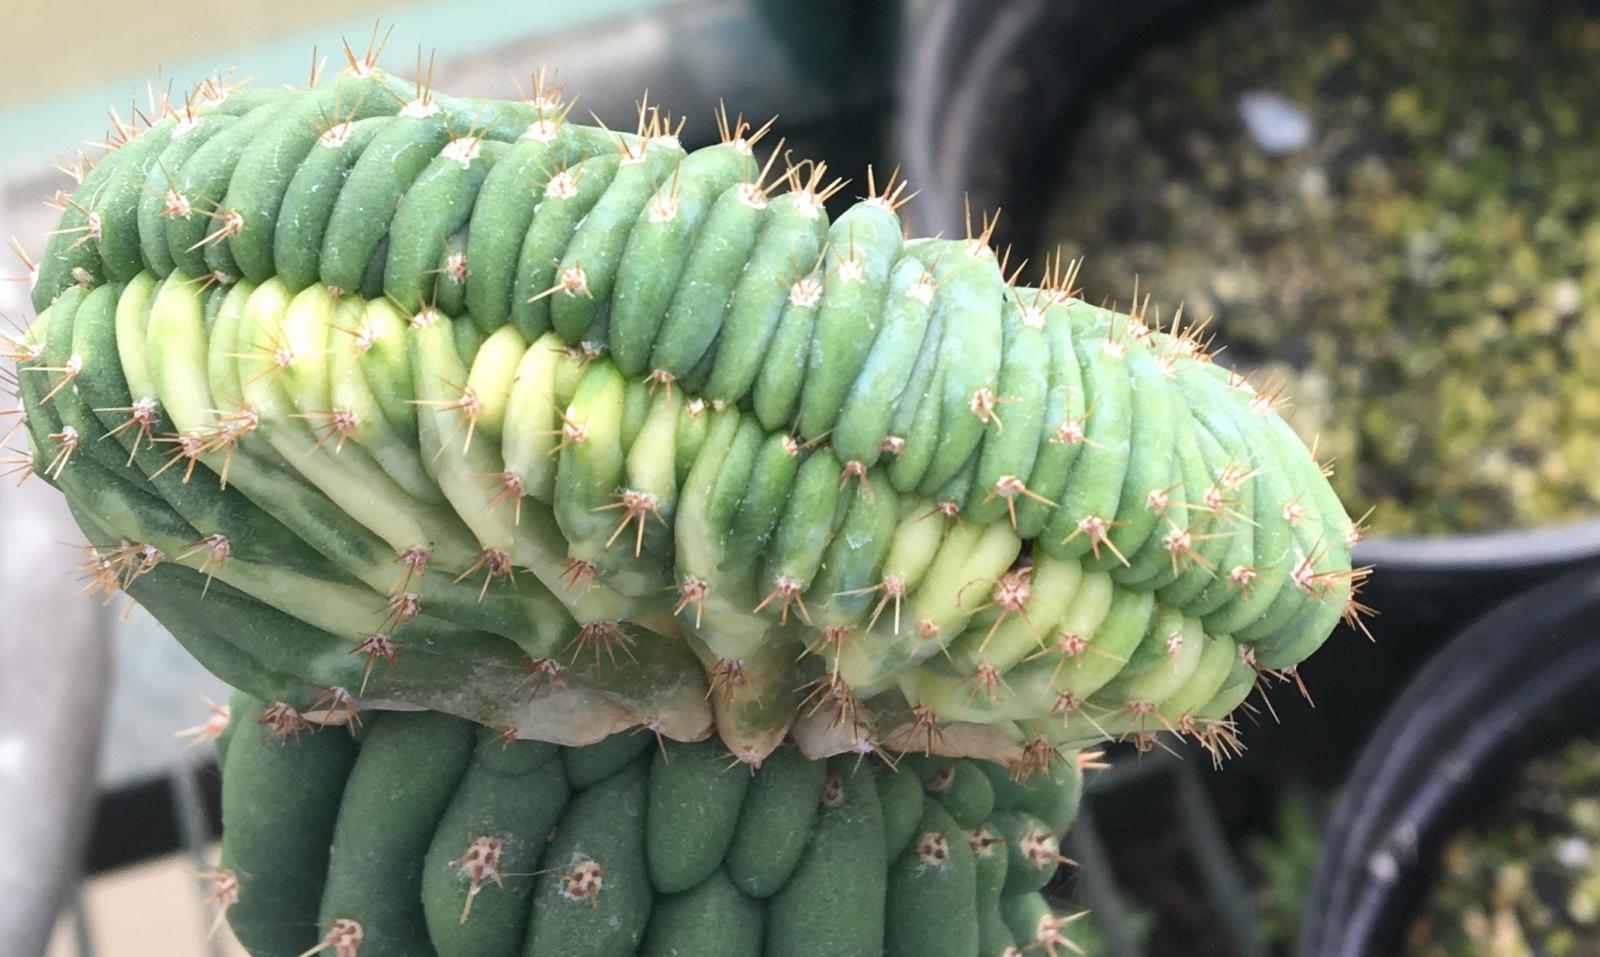 variegatedpachanoi495.jpg